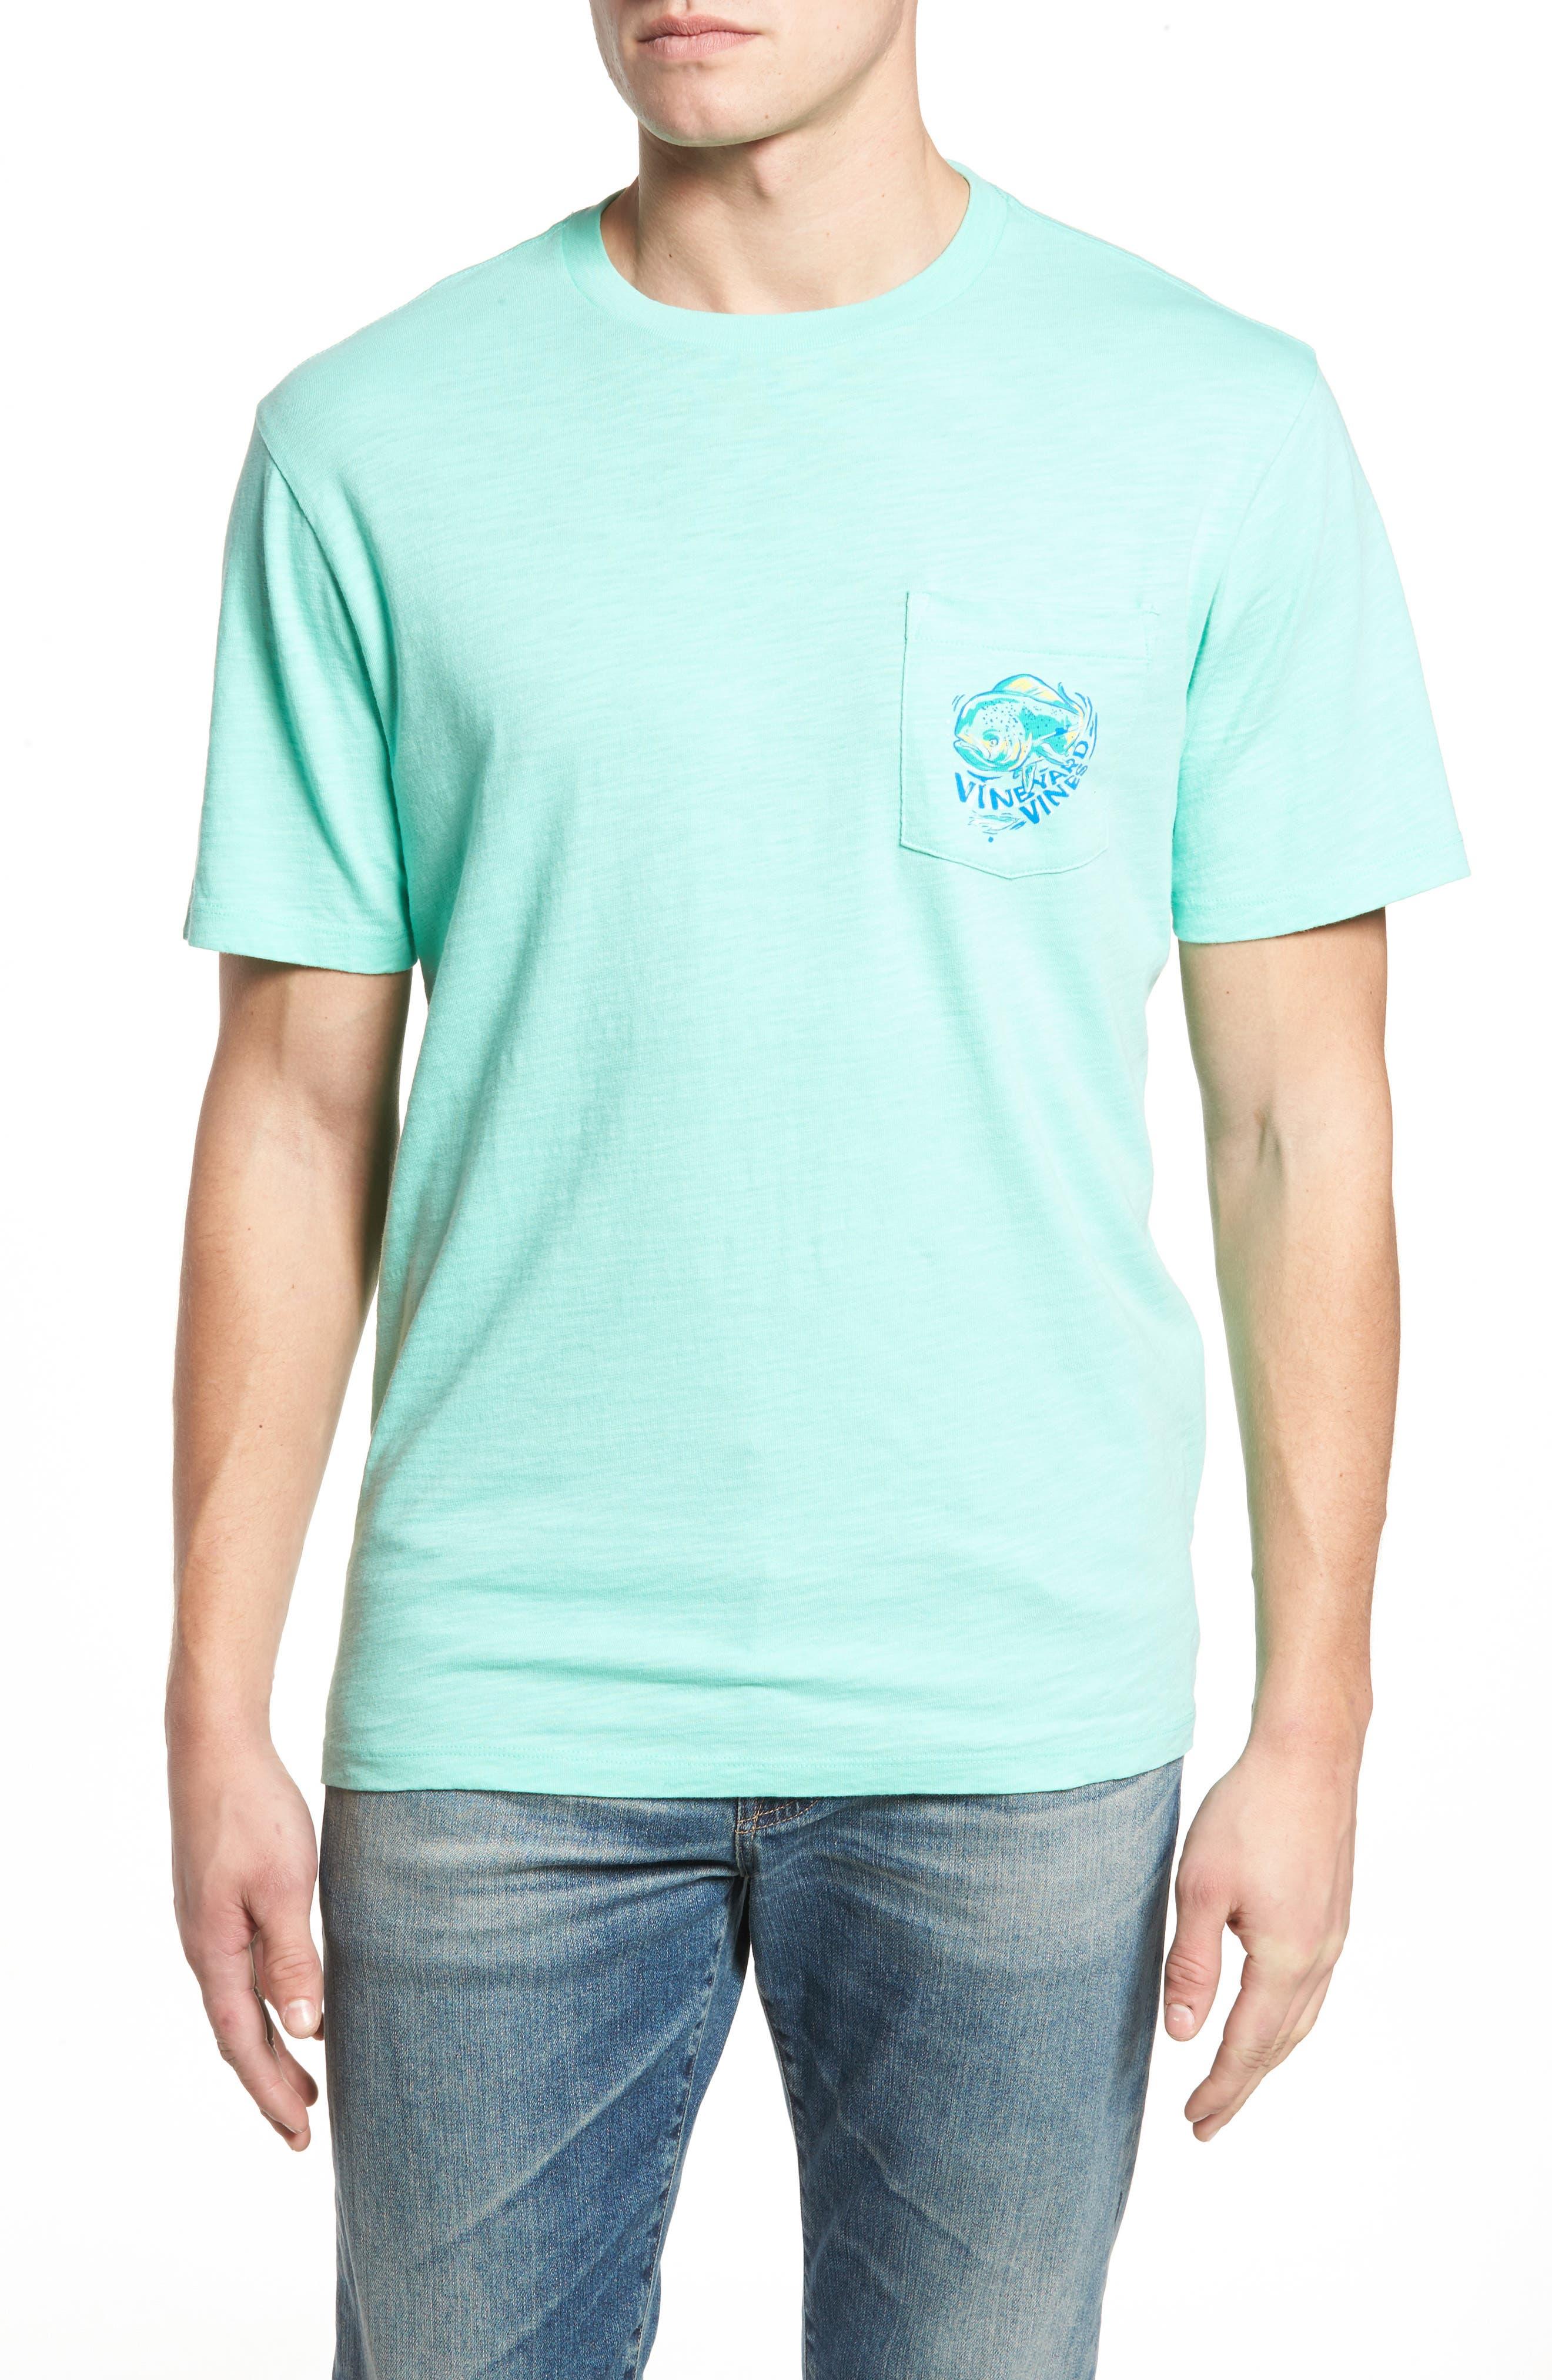 vineyard vines Painted Mahi Graphic Slub T-Shirt